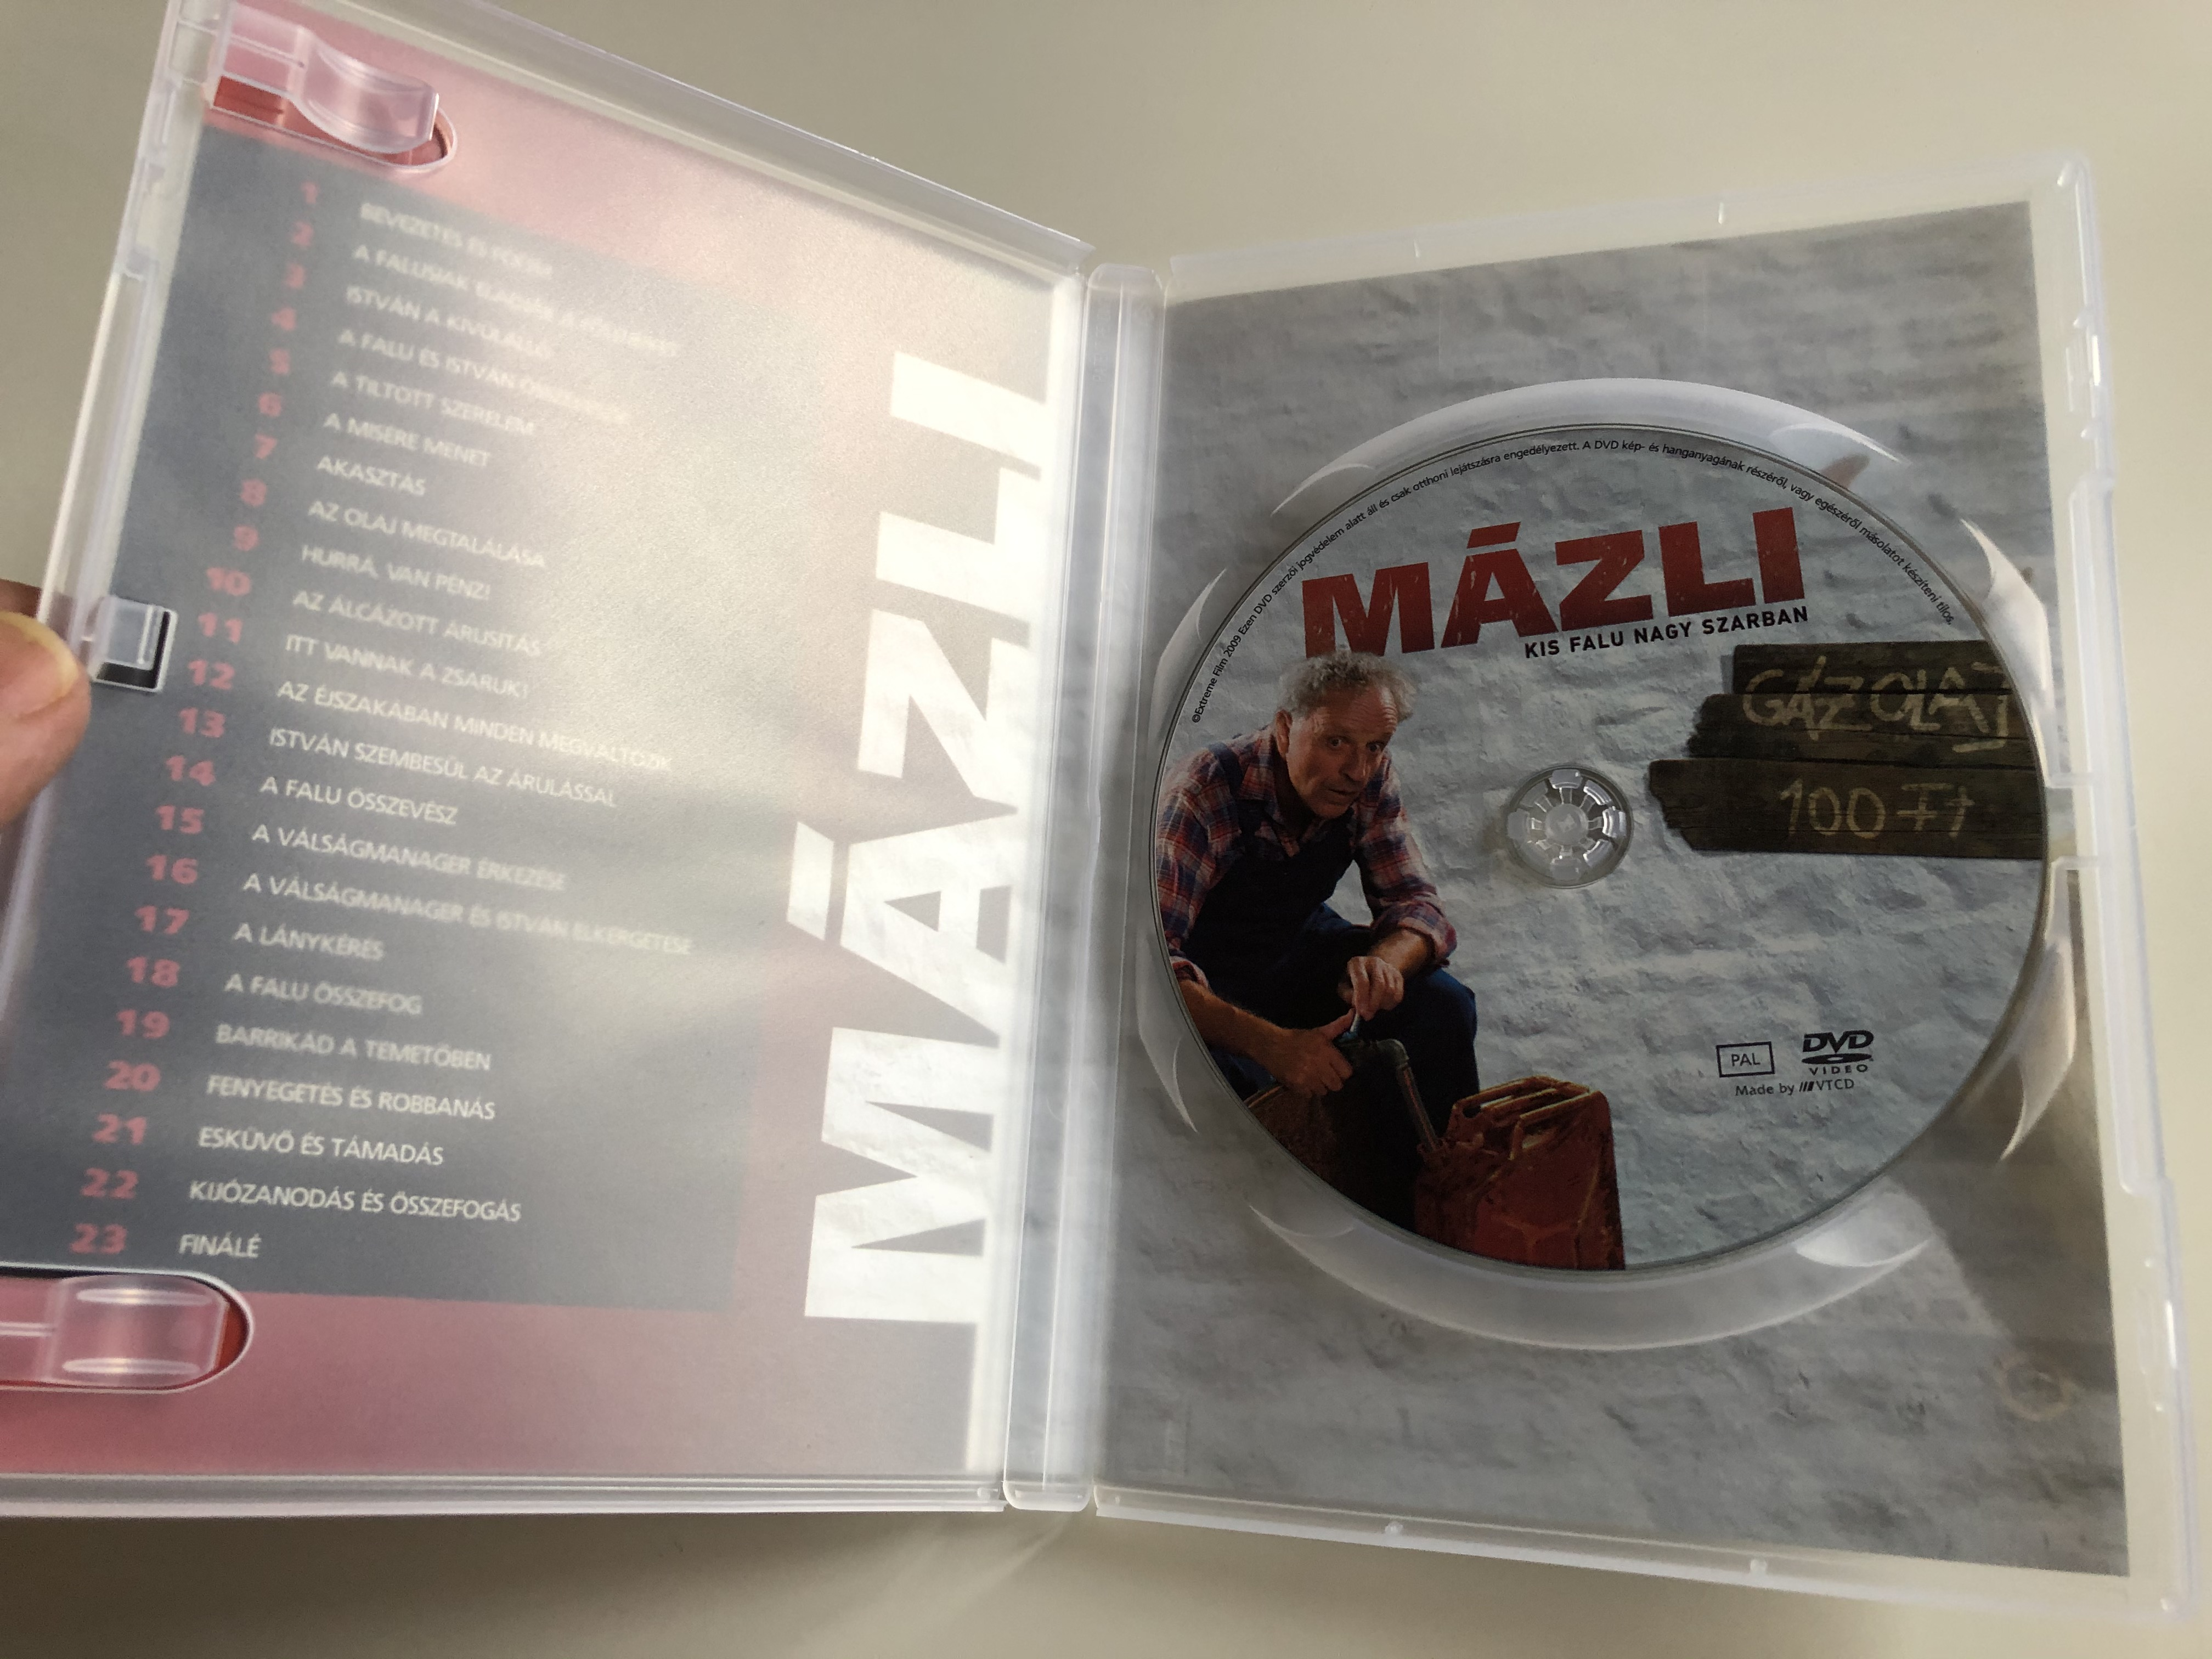 fluke-dvd-2008-m-zli-directed-by-kem-nyffy-tam-s-2.jpg